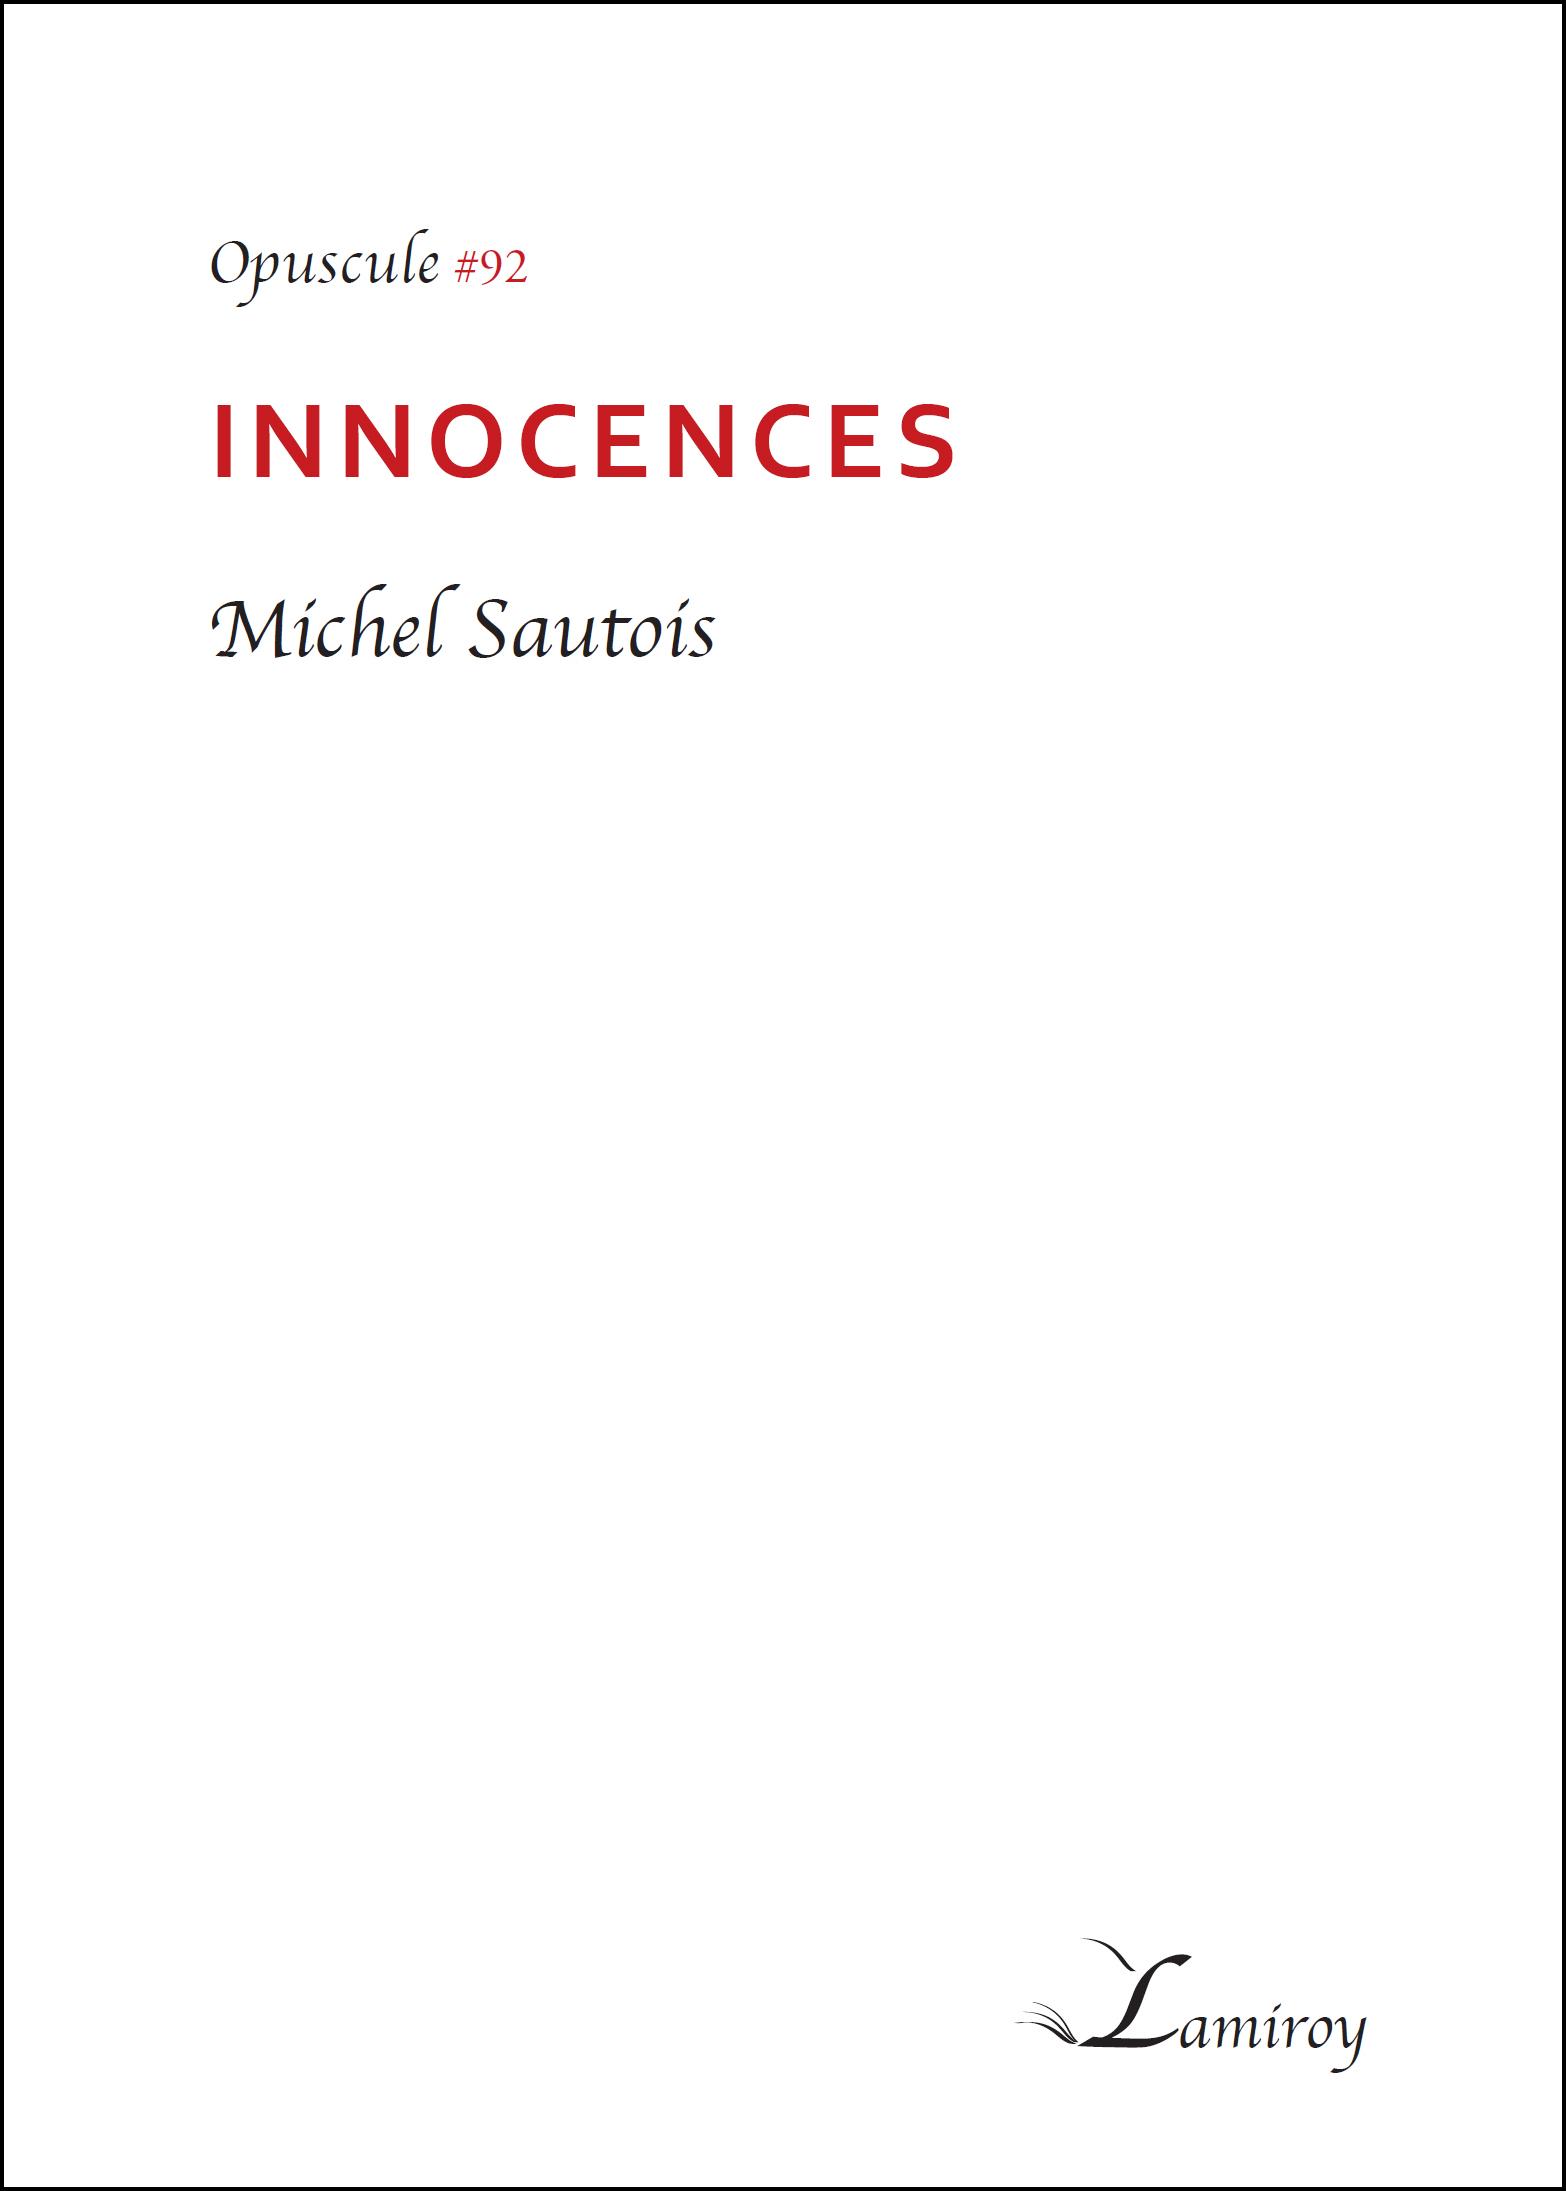 Michel Sautois Innocences HD bord noir